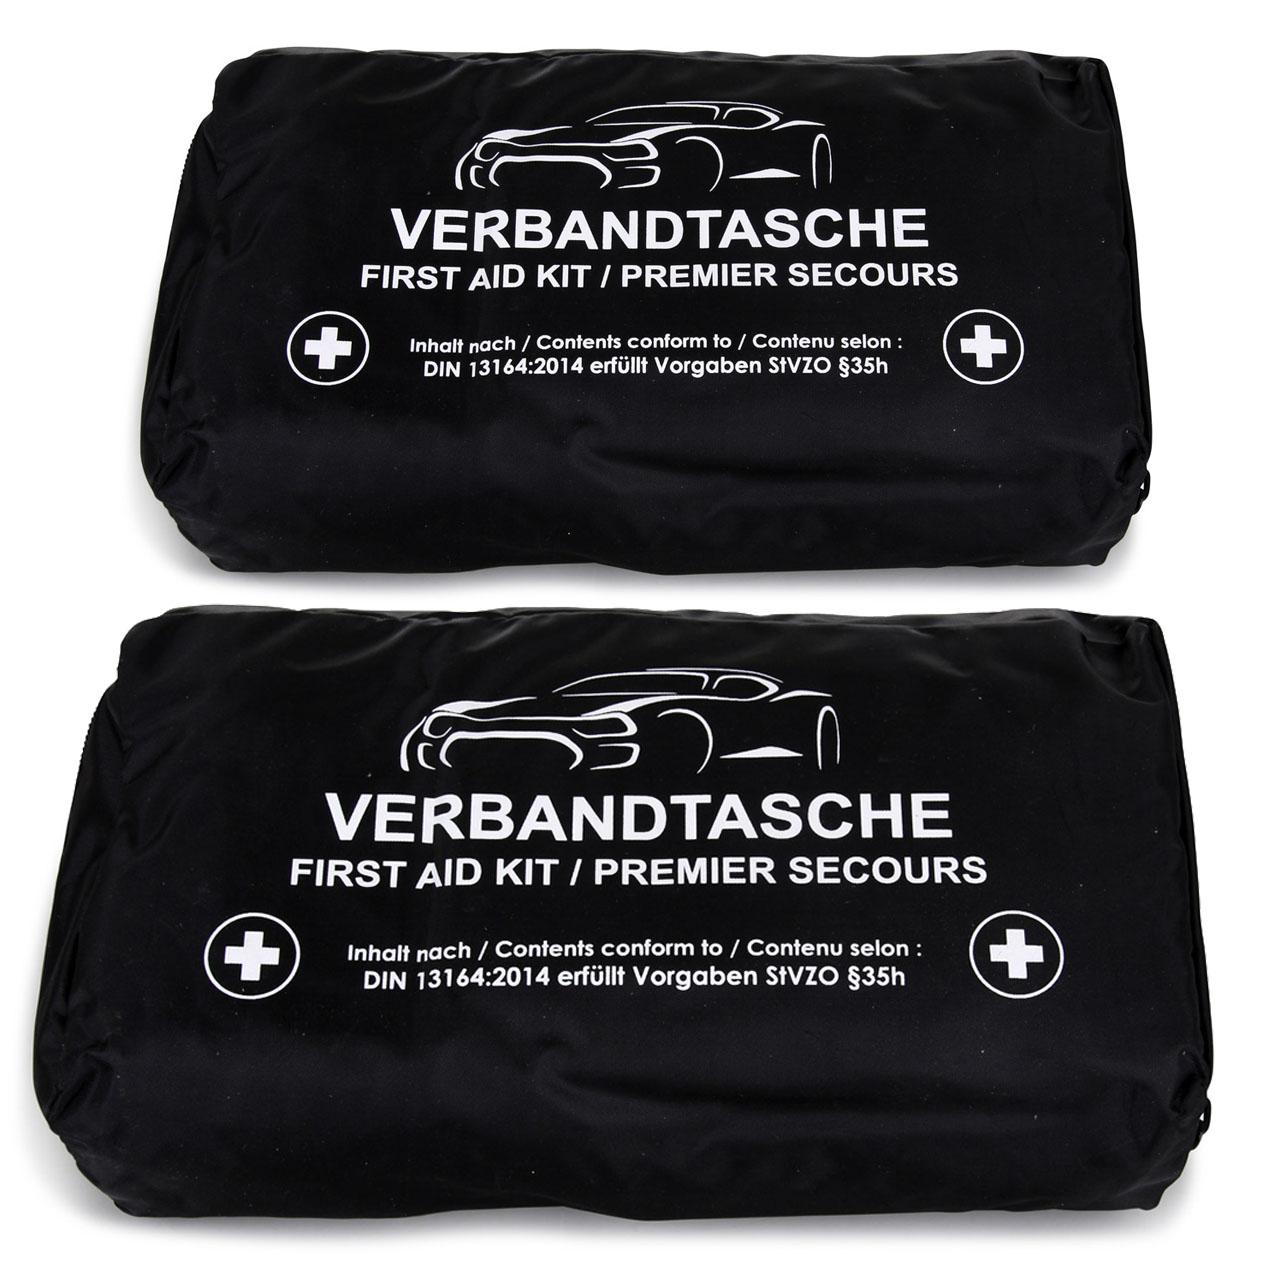 2x KFZ Auto Verbandkasten Verbandskasten SCHWARZ Erste Hilfe MHD 03.2026